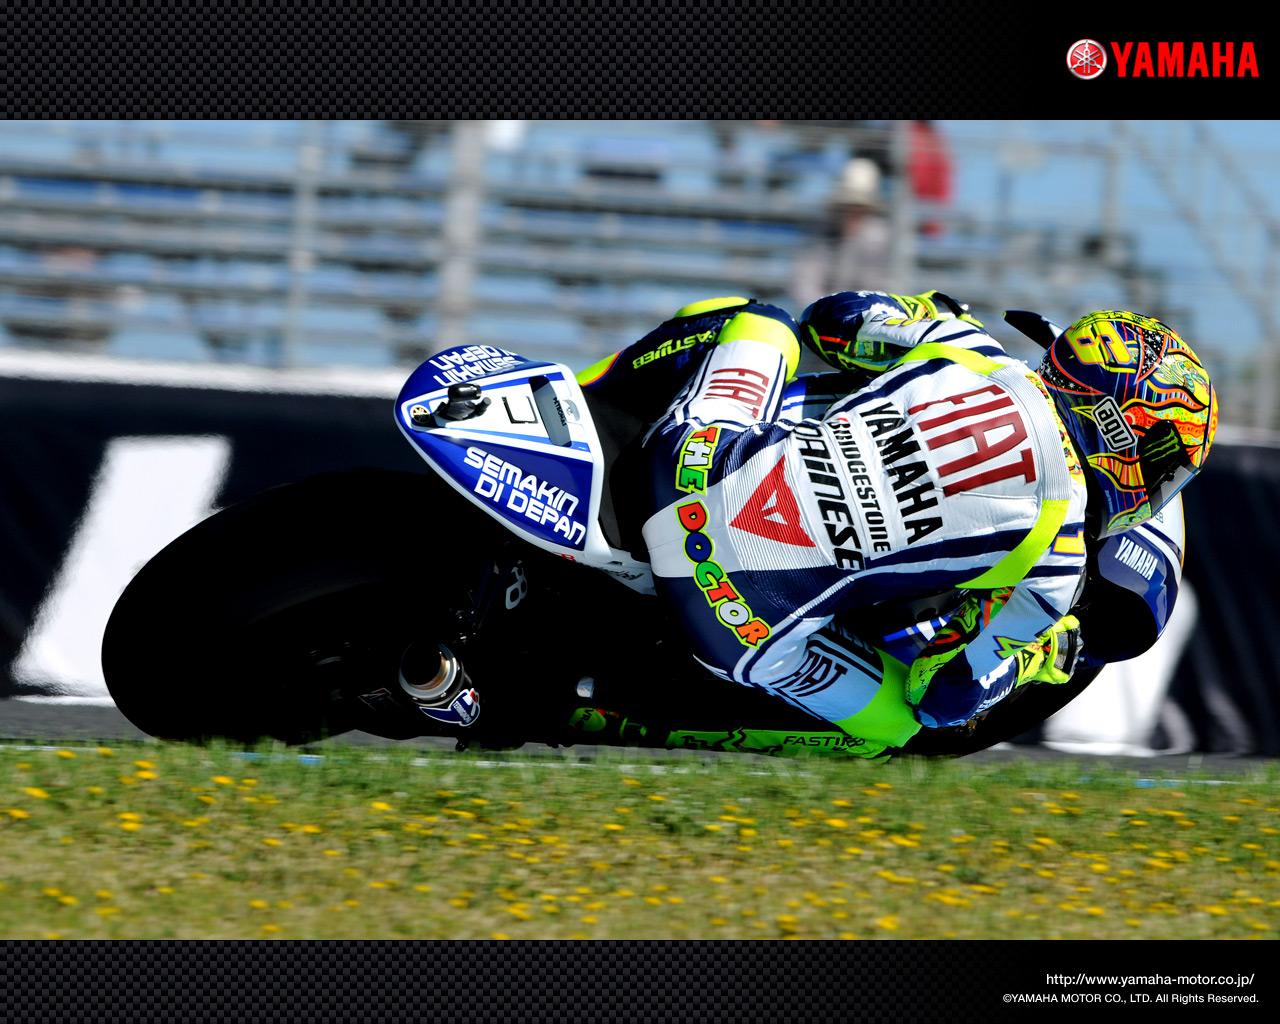 Yamaha Motogp Wallpaper